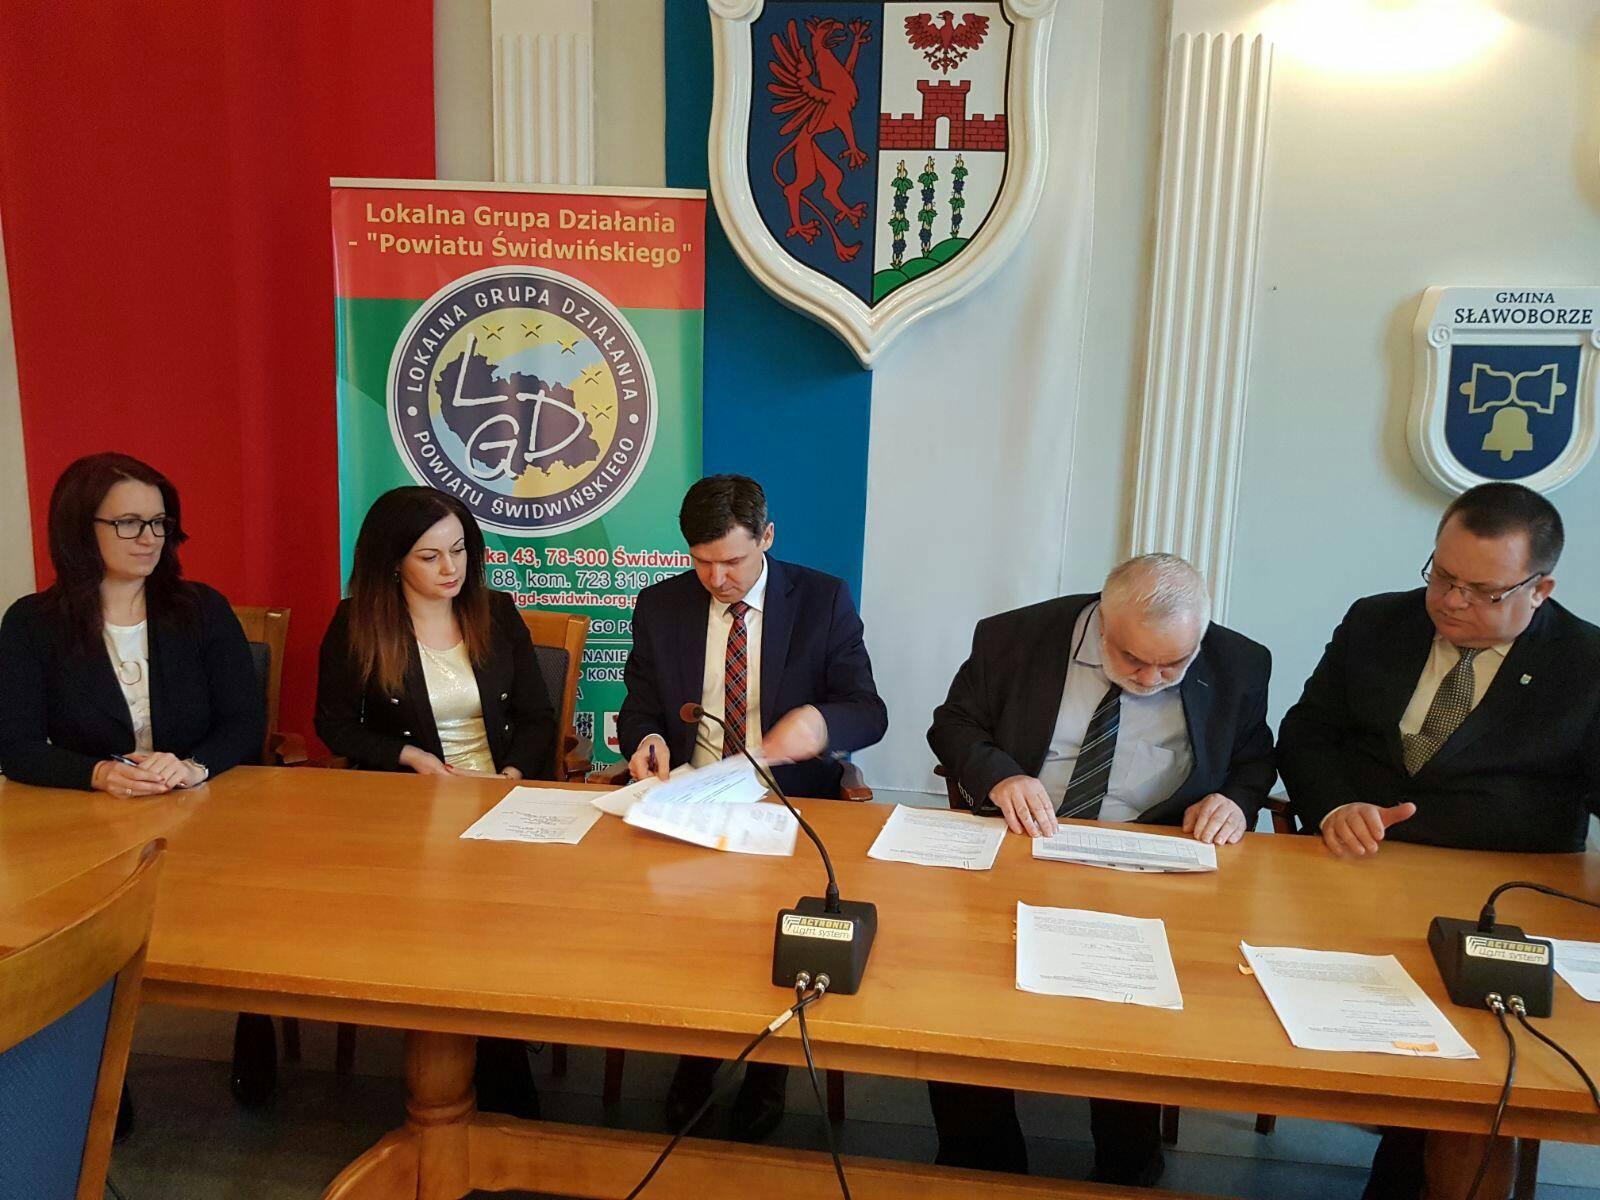 Umowa o powierzenie grantu - ZAPYTANIE OFERTOWE